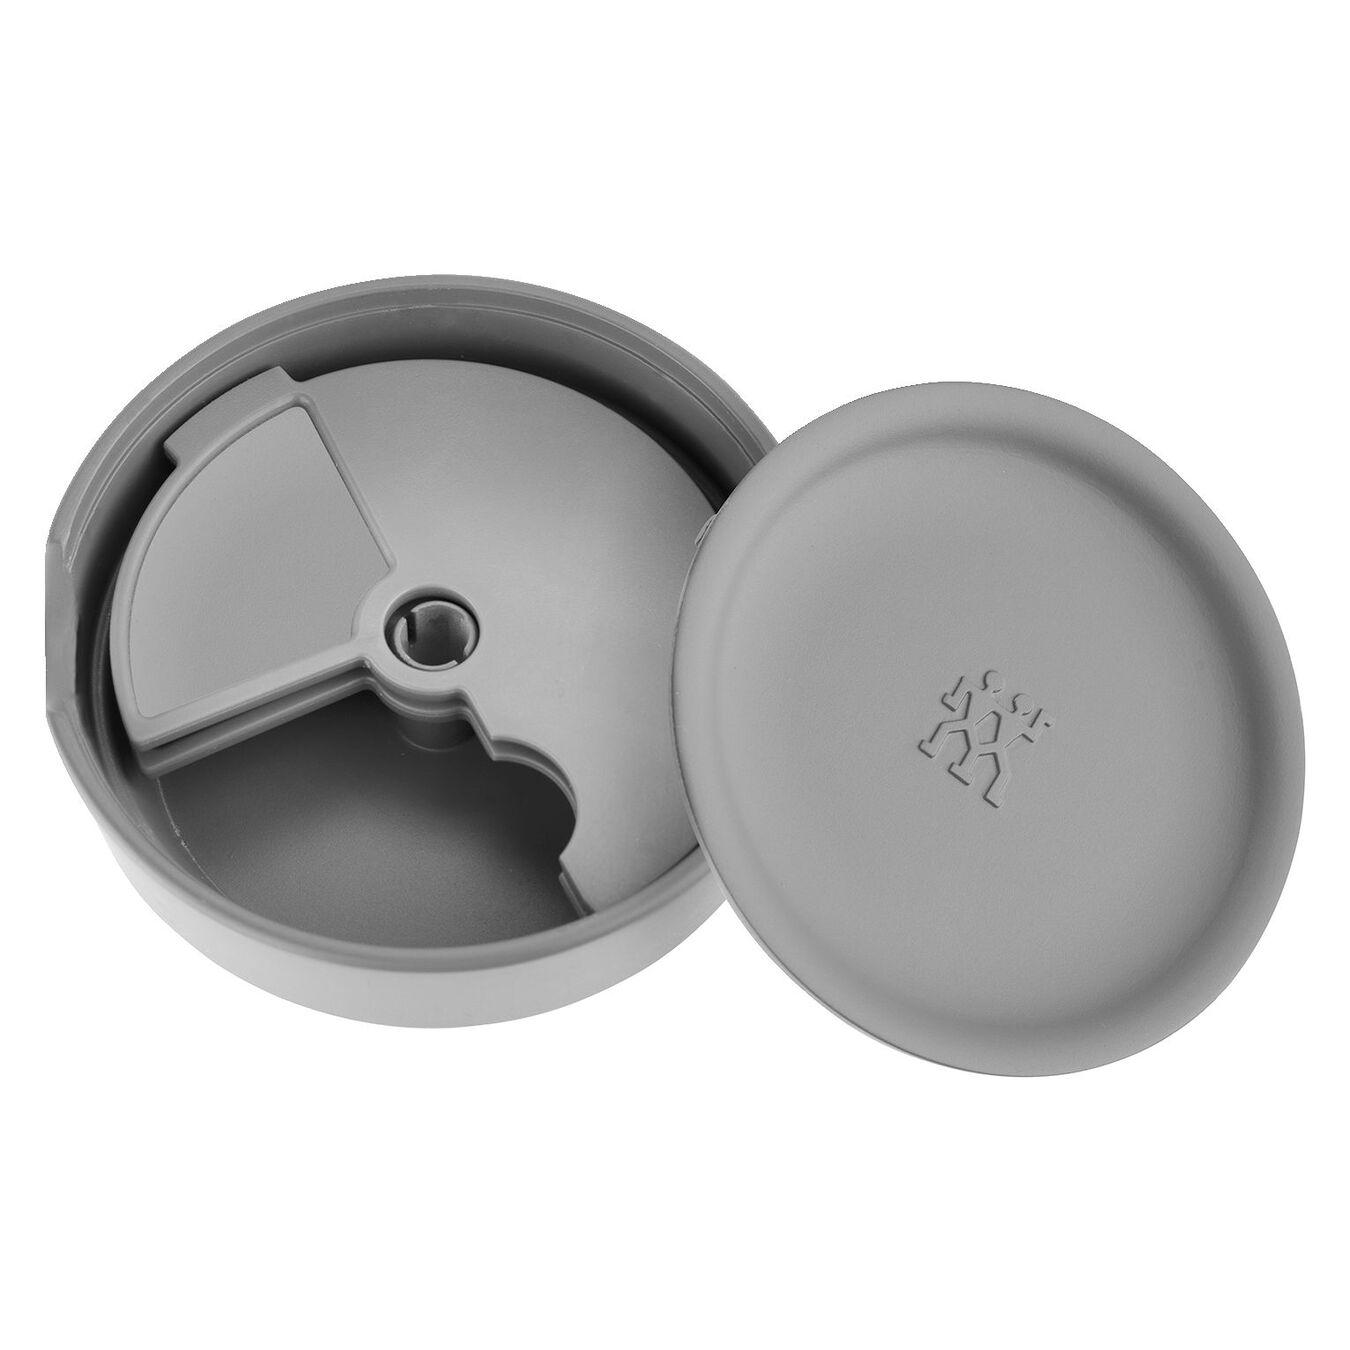 Spiralizer, grey,,large 4